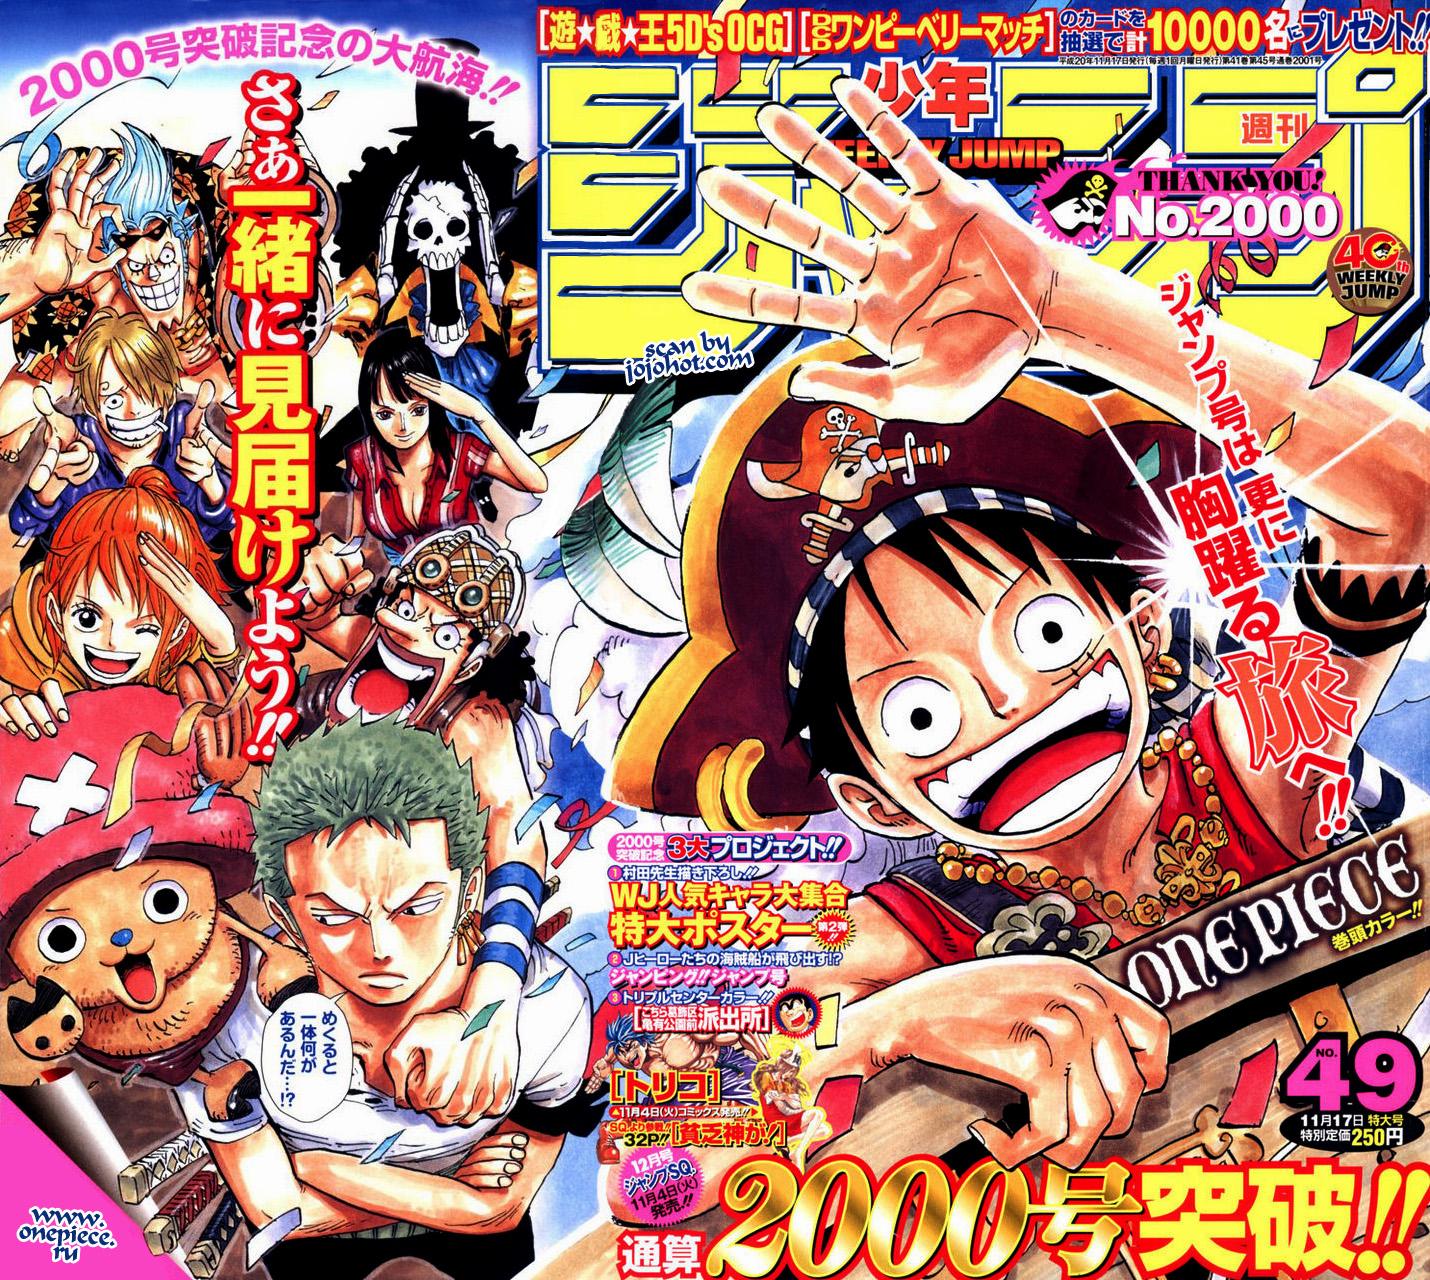 Манга Ван Пис 882 глава Manga One Piece 882